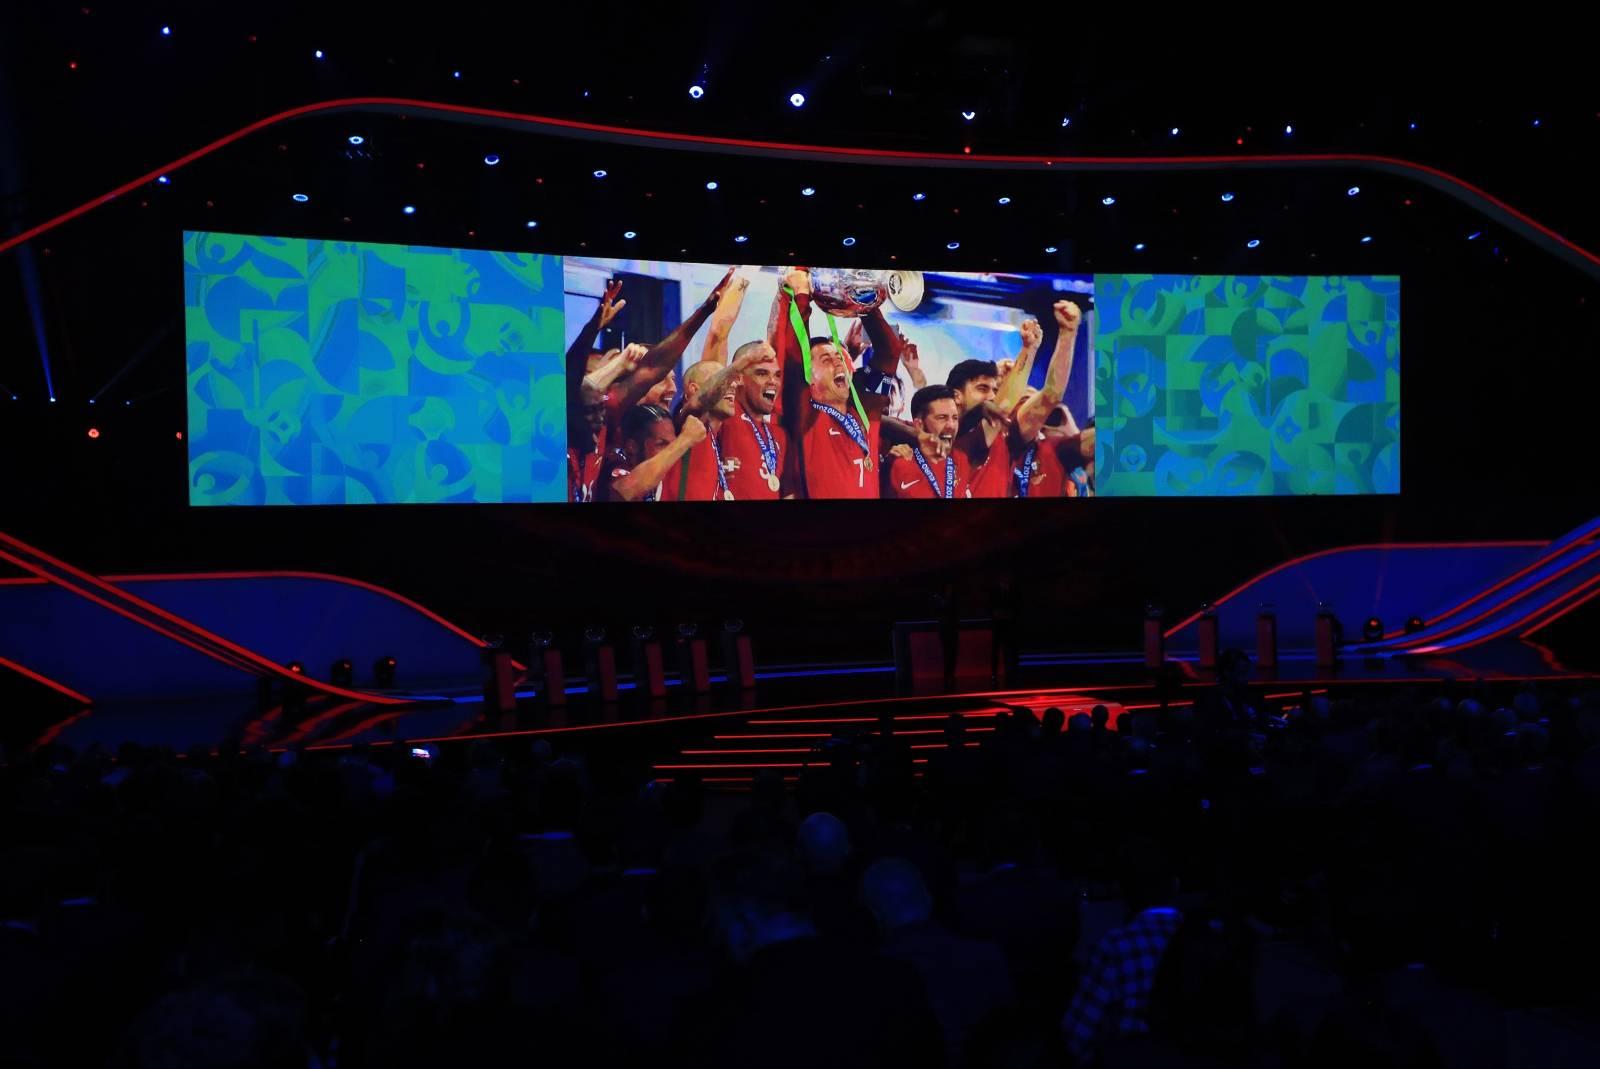 Euro 2020 Draw - Romexpo Exhibition Centre